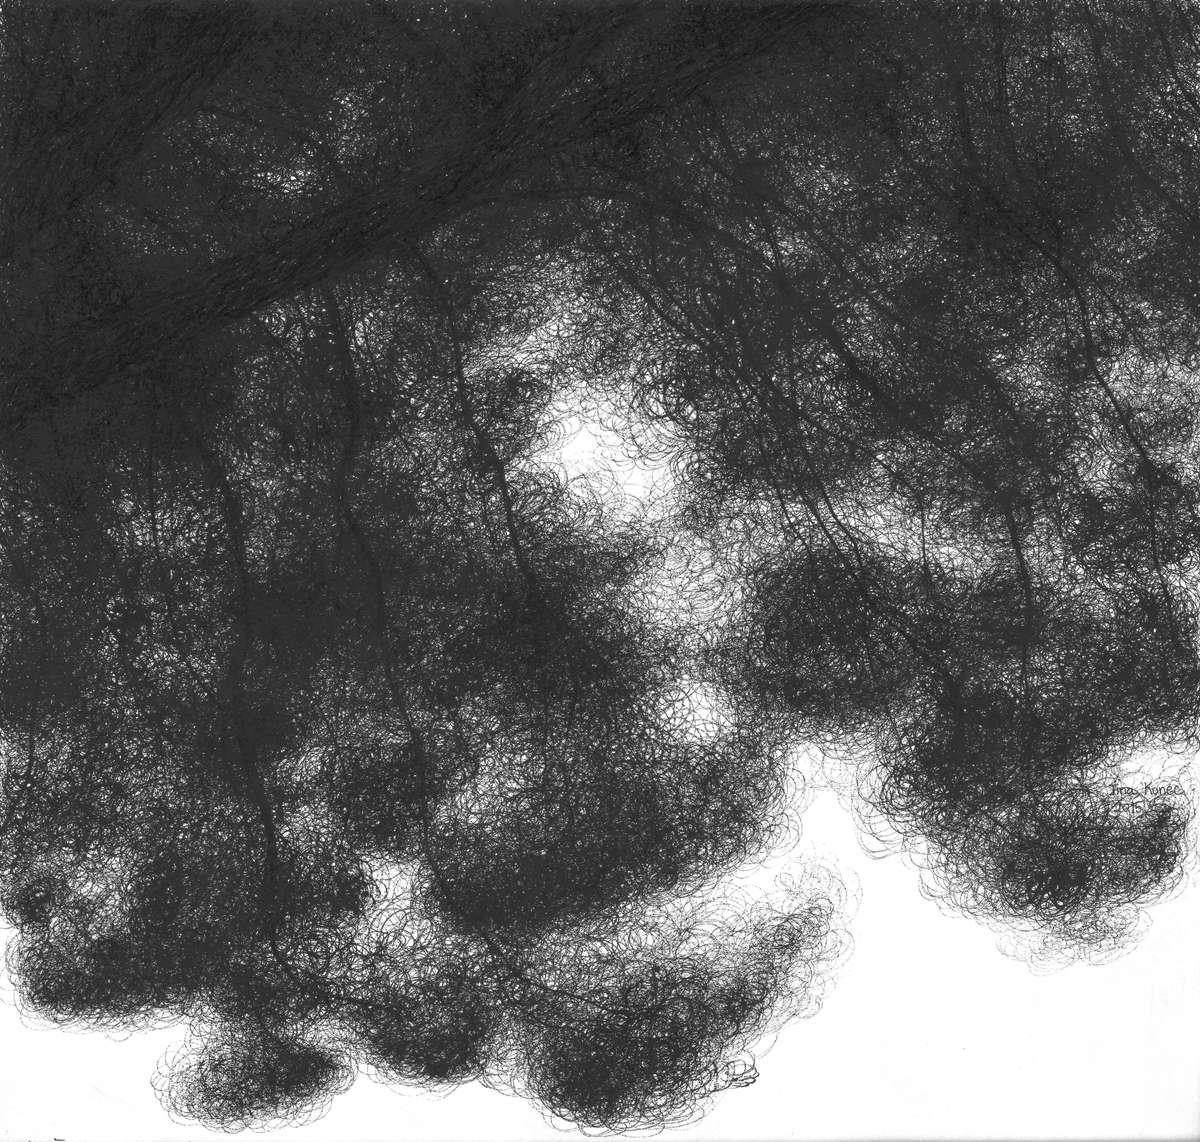 Tina Konec, Sequence Trees III